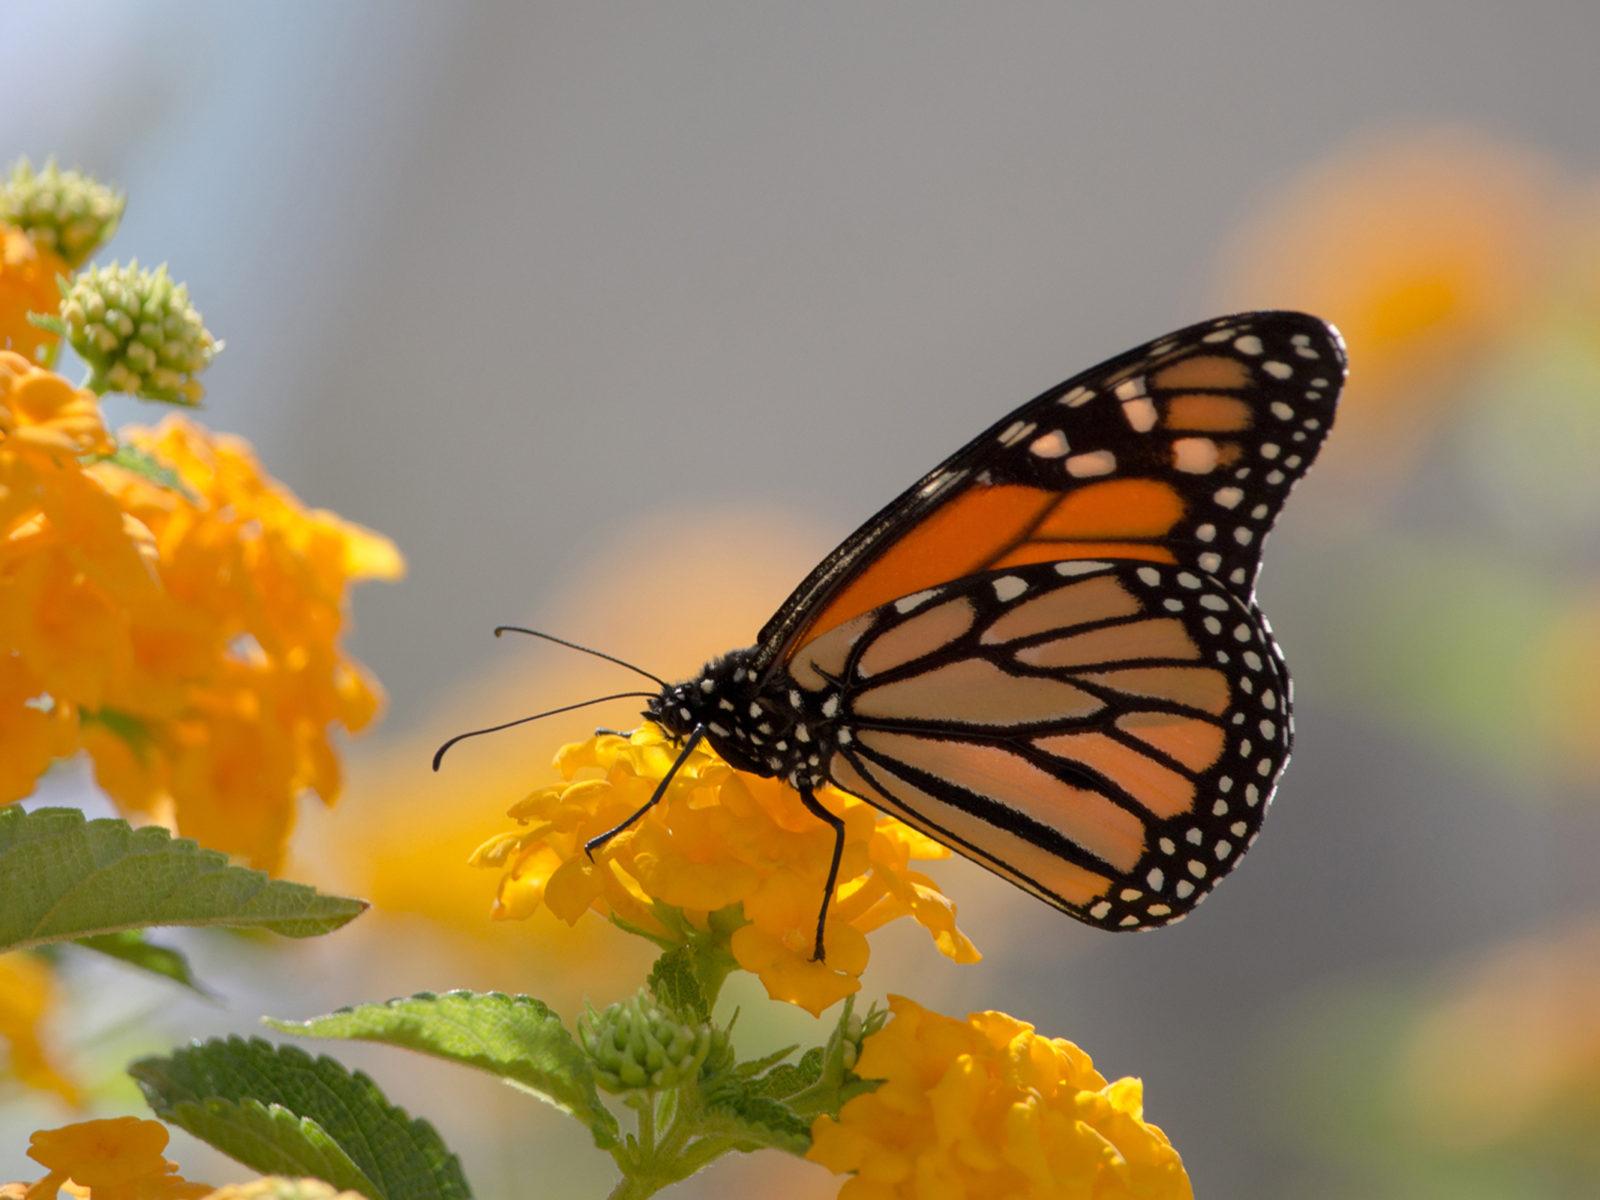 Green Wallpaper Iphone 5 Monarch Butterfly And Yellow Lanthana Desktop Wallpaper